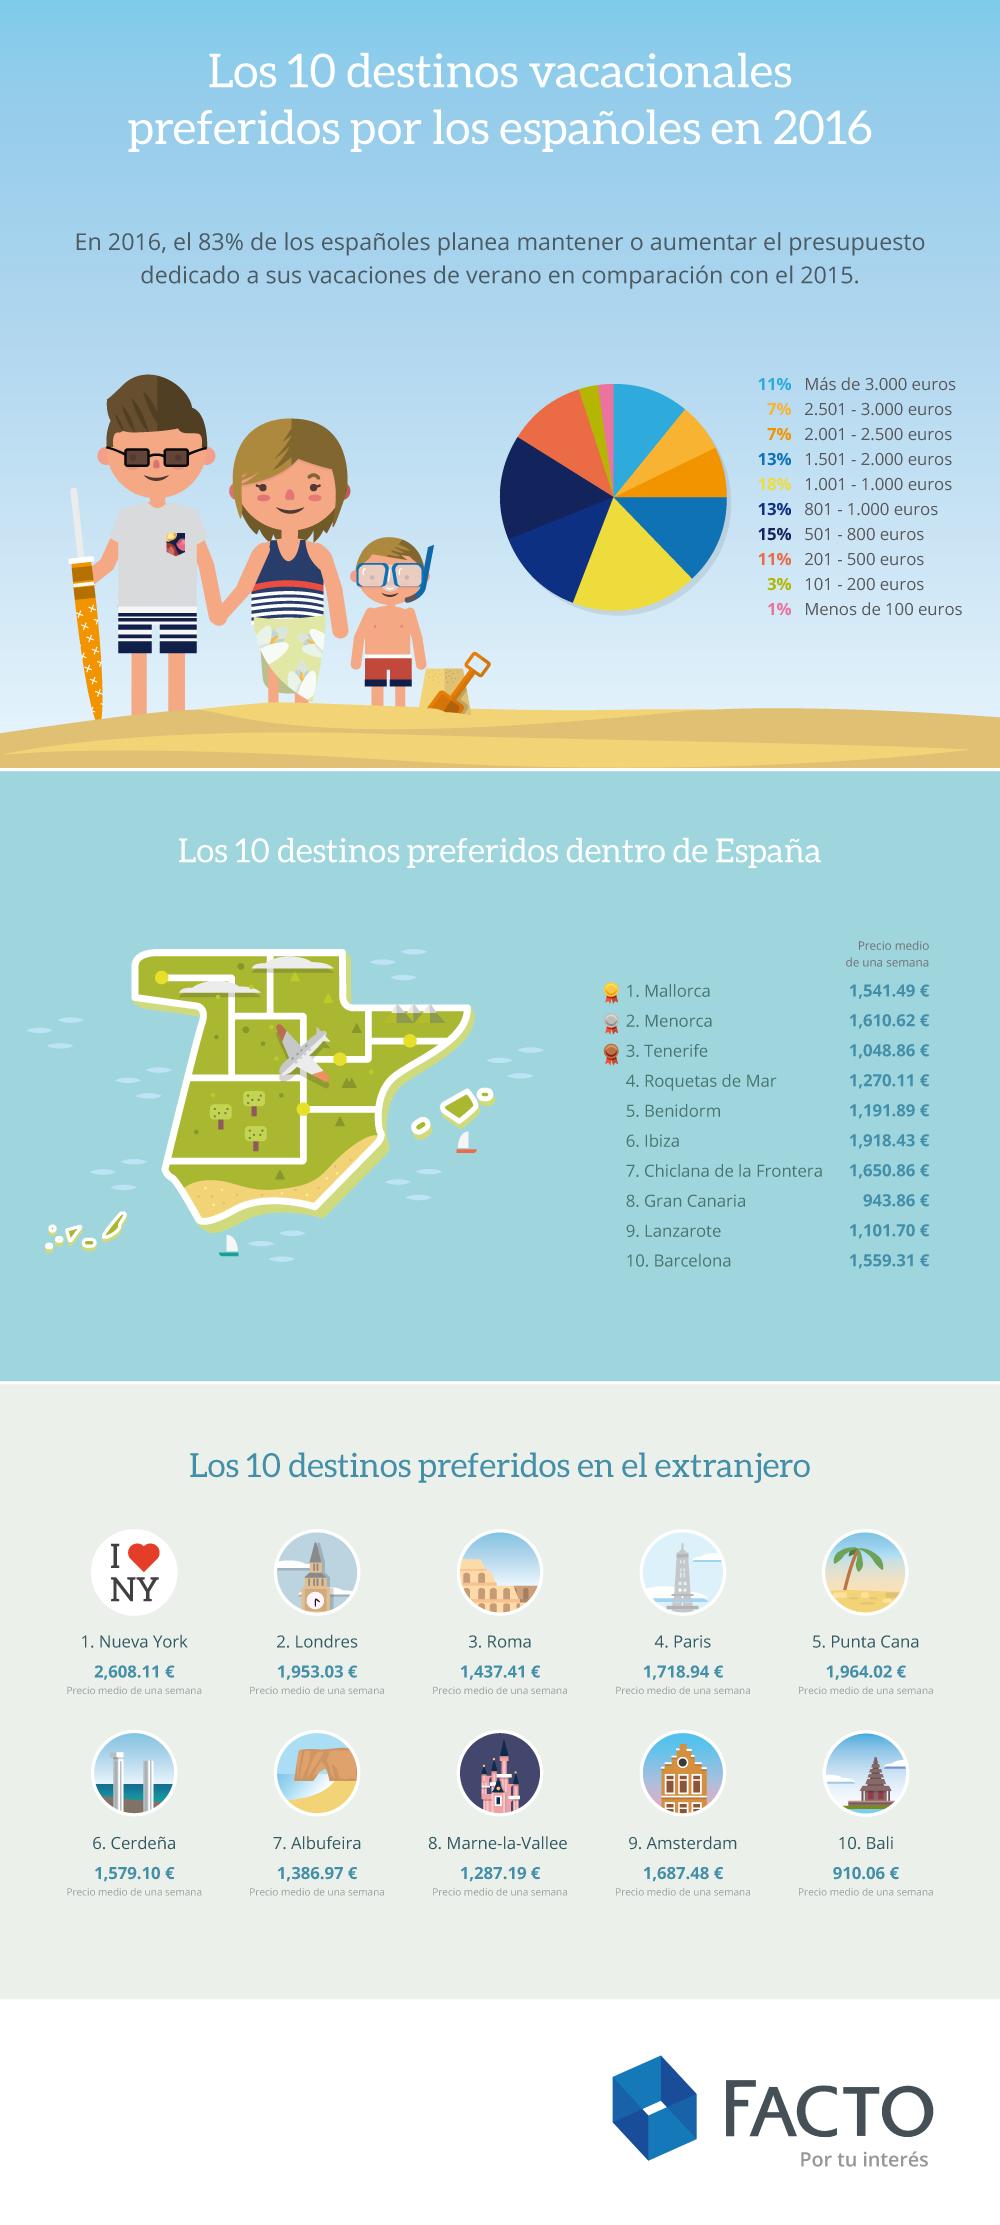 cuentafacto_infografía-destinos-vacacionales-españoles